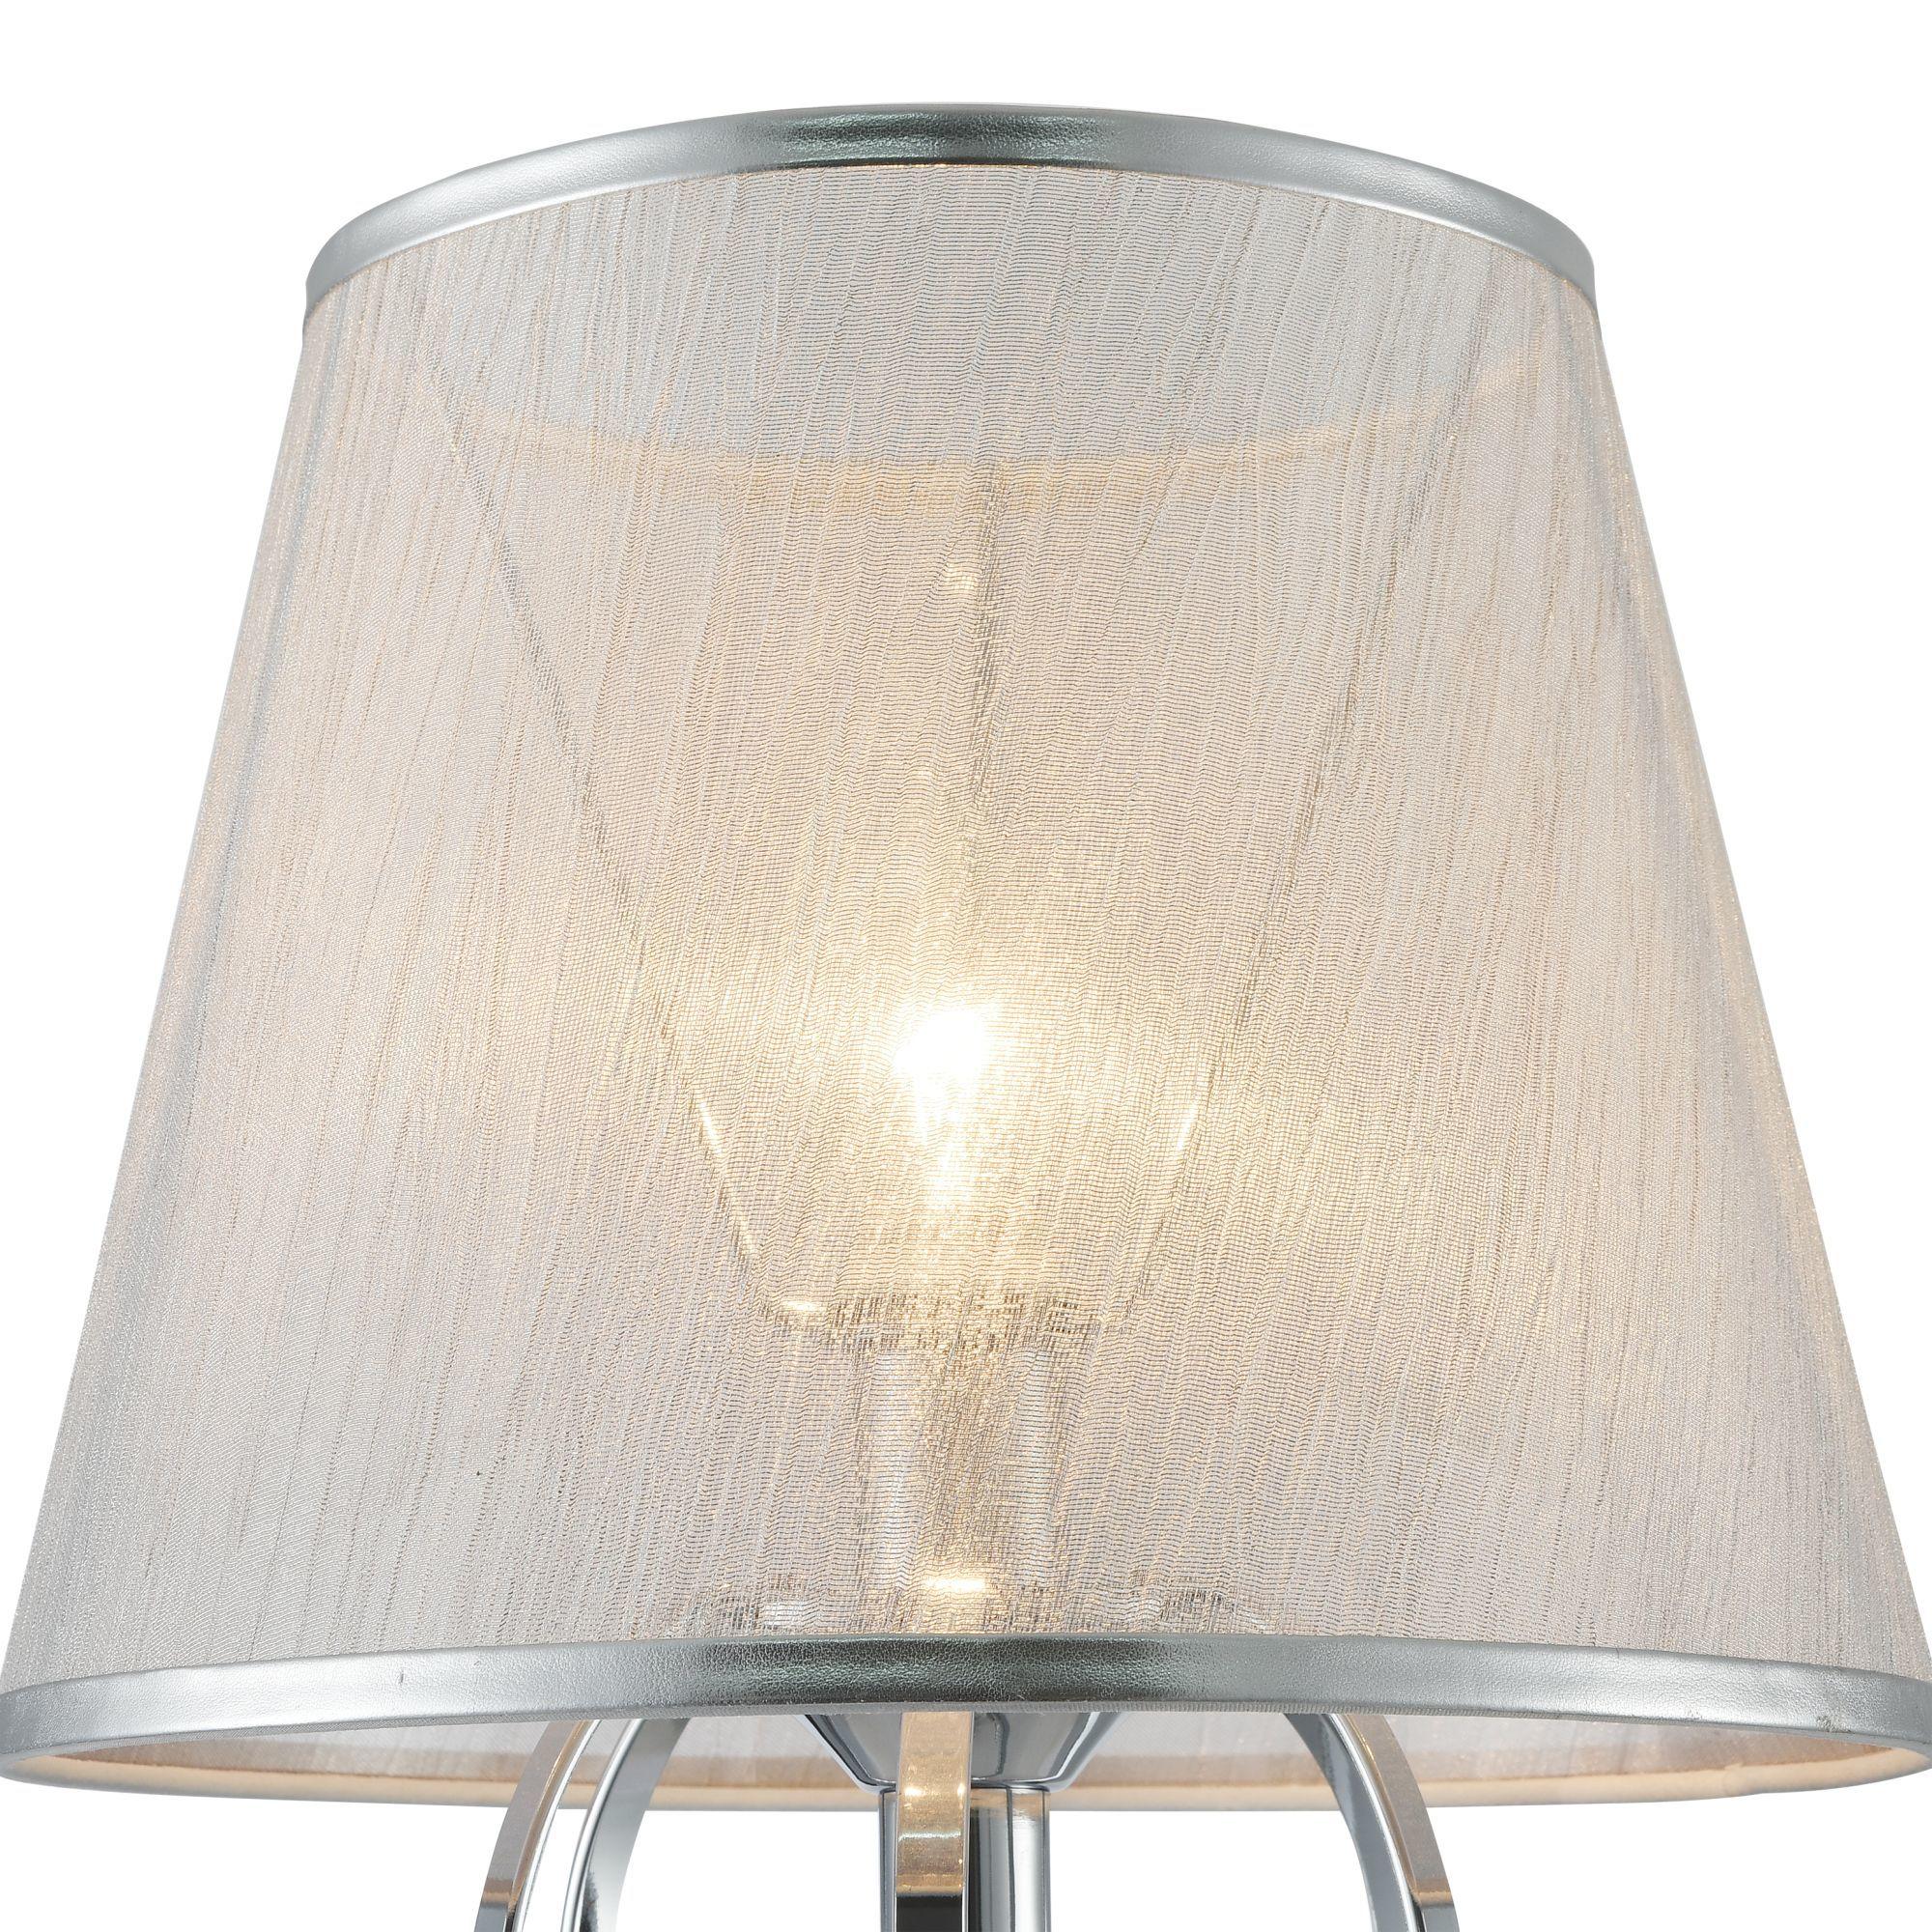 Настольная лампа Freya Simone FR2020-TL-01-CH, 1xE14x40W, хром, серебро, прозрачный, металл, текстиль, хрусталь - фото 9